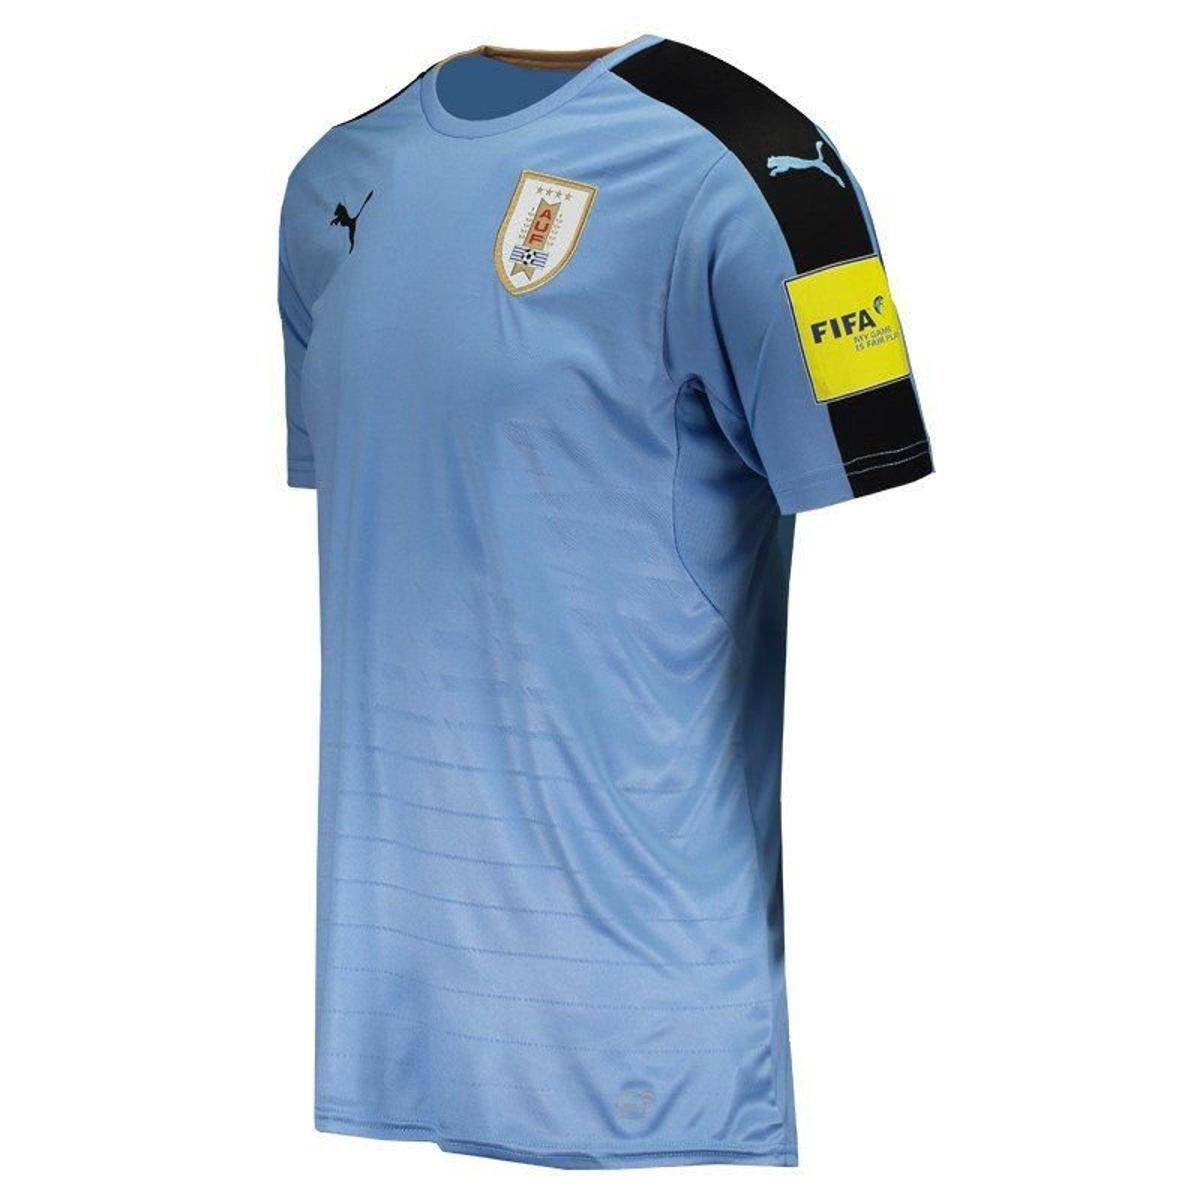 Camisa Puma Uruguai Home 2016 Eliminatórias FIFA Masculina - Azul ... 415124a9c3ef9